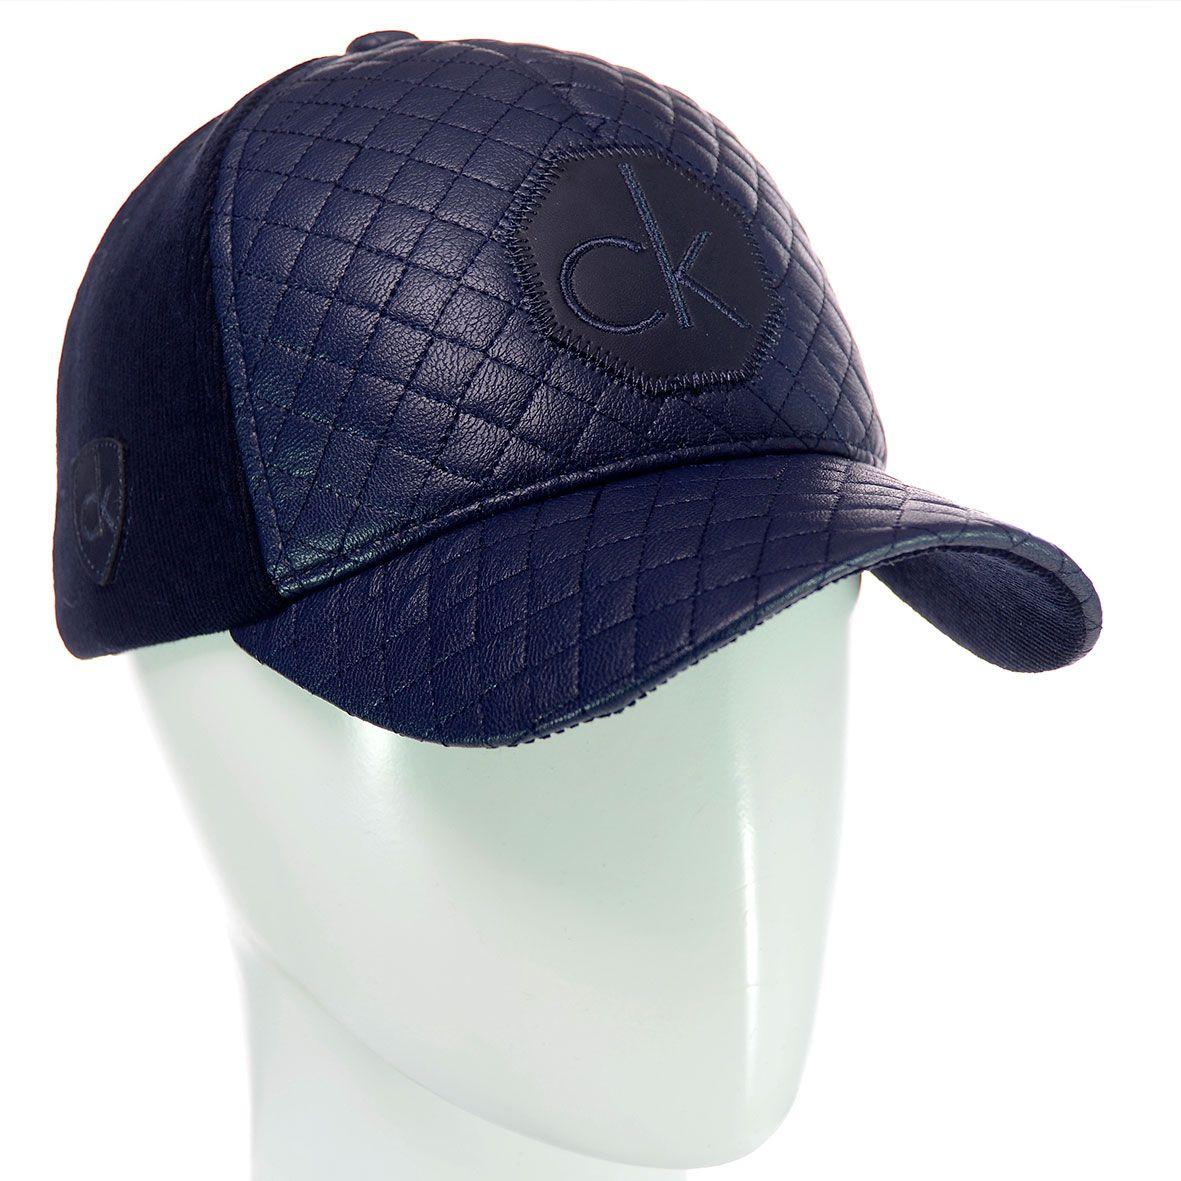 Бейсболка BVHKZ20750 темно-синий